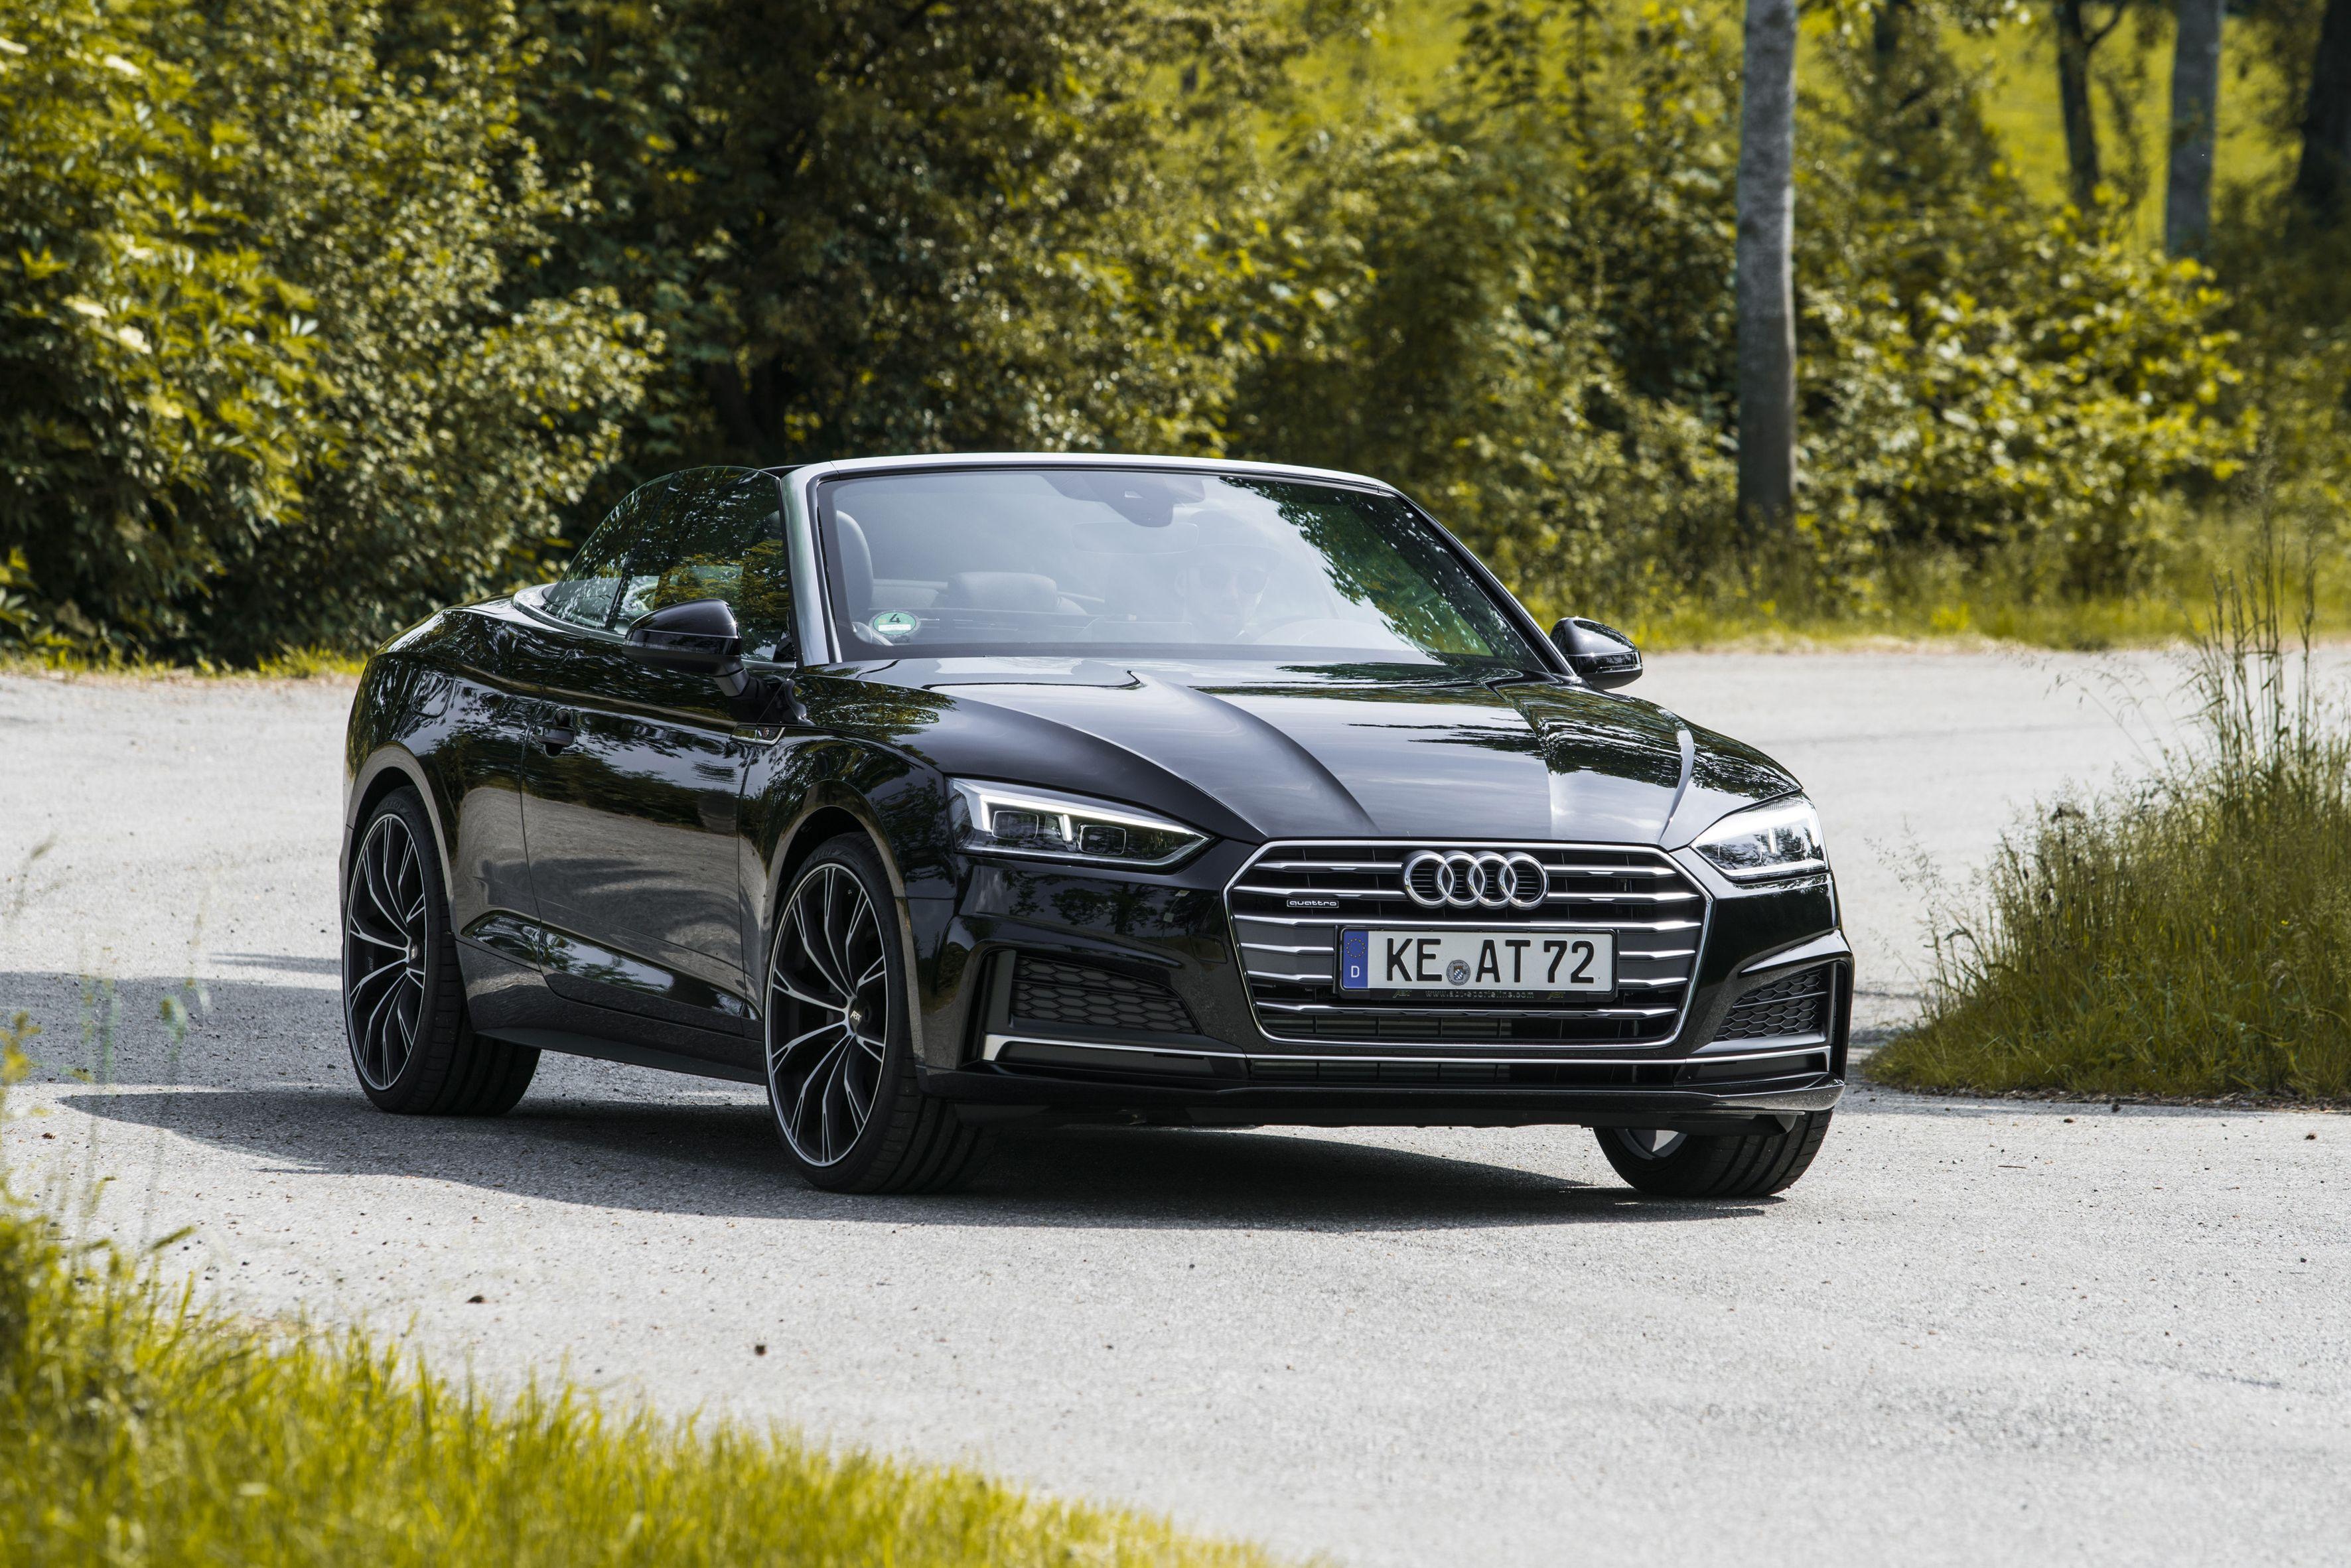 ABT Audi A5 Cabrio maakt een sprongetje - https://www.topgear.nl/autonieuws/abt-audi-a5-cabrio-gaat-op-visite-bij-abt-sportsline/